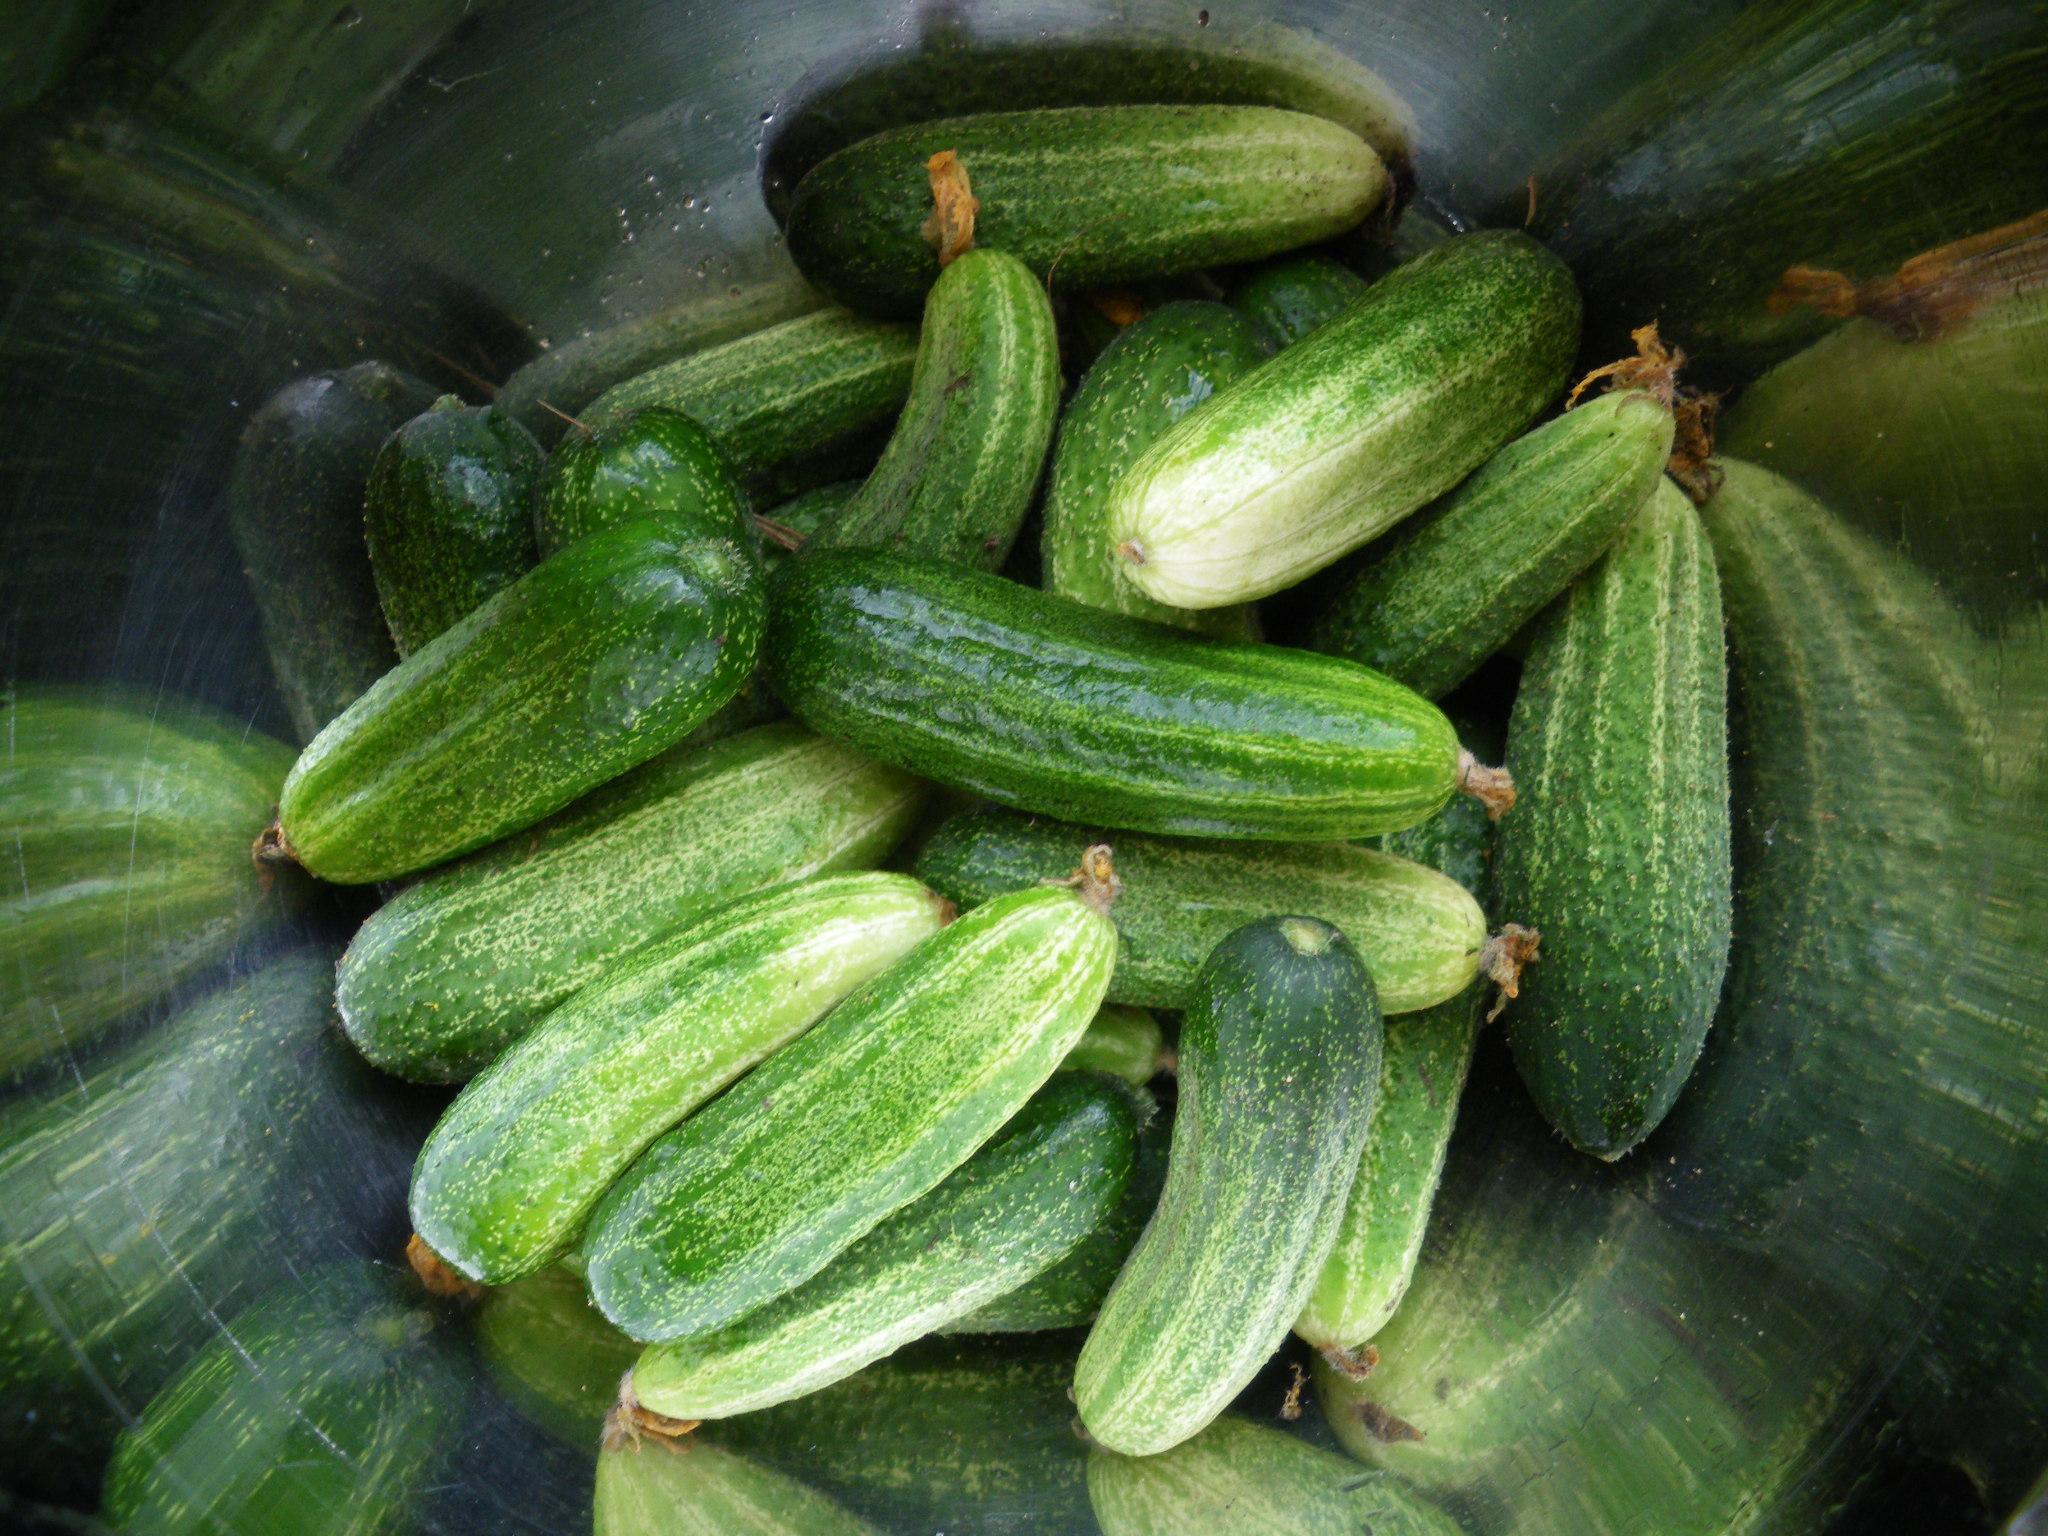 Внешне плоды гибридов не отличаются от плодов обычных сортов